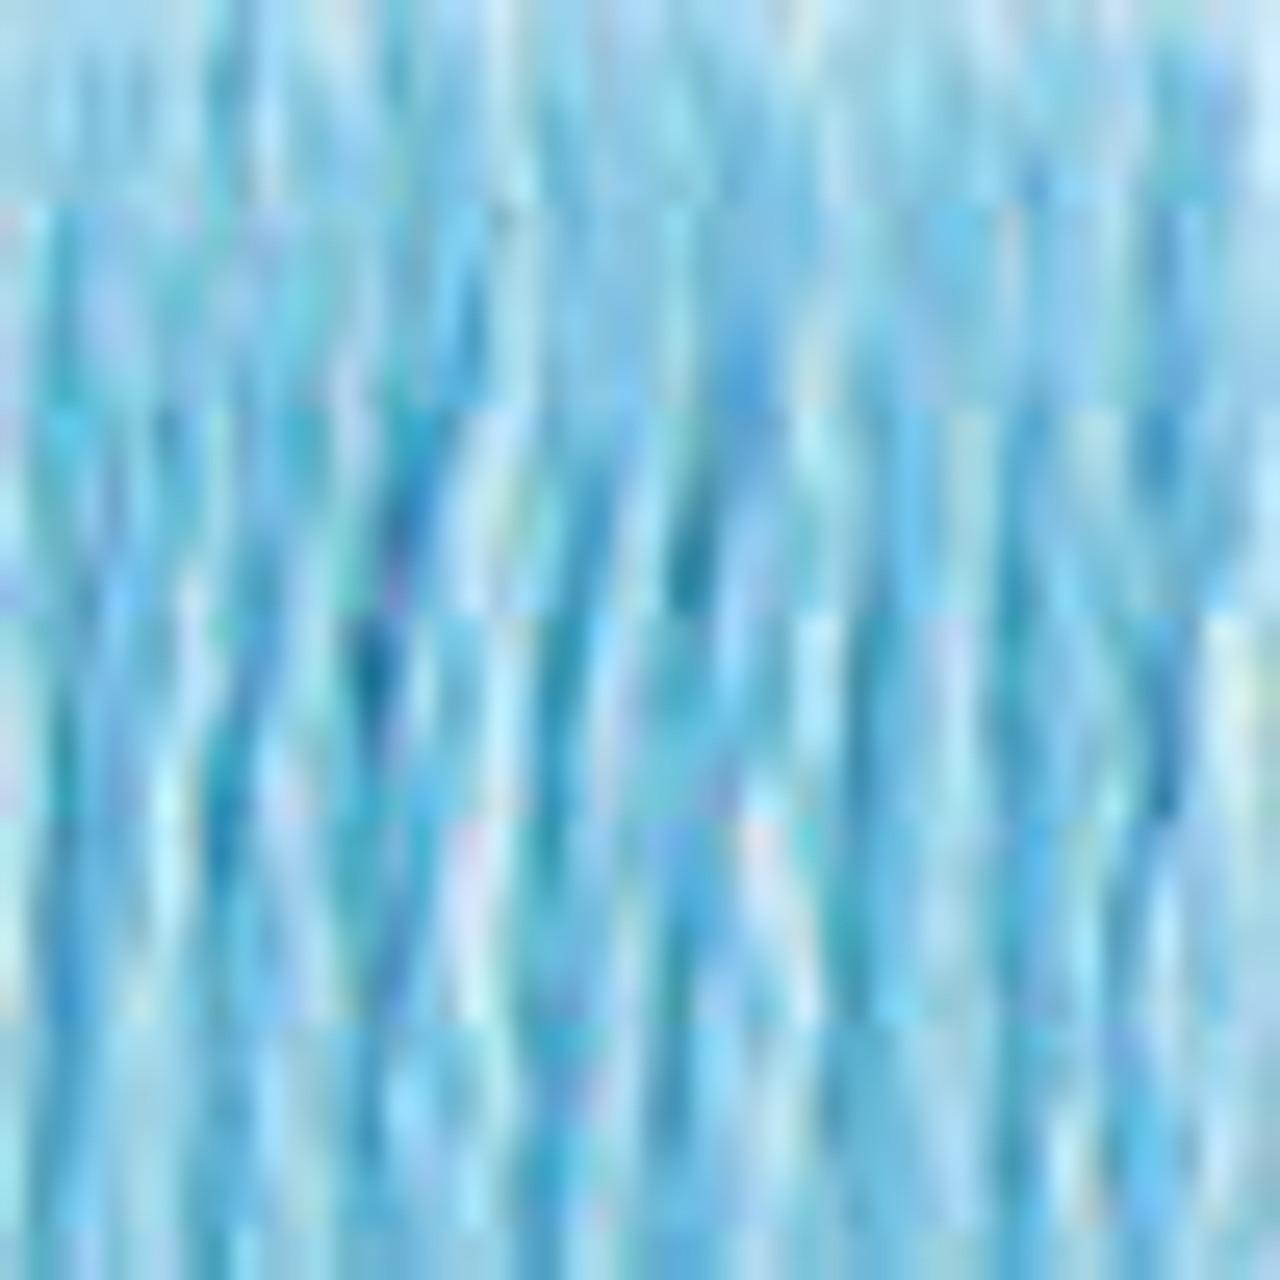 DMC # 519 Sky Blue Floss / Thread